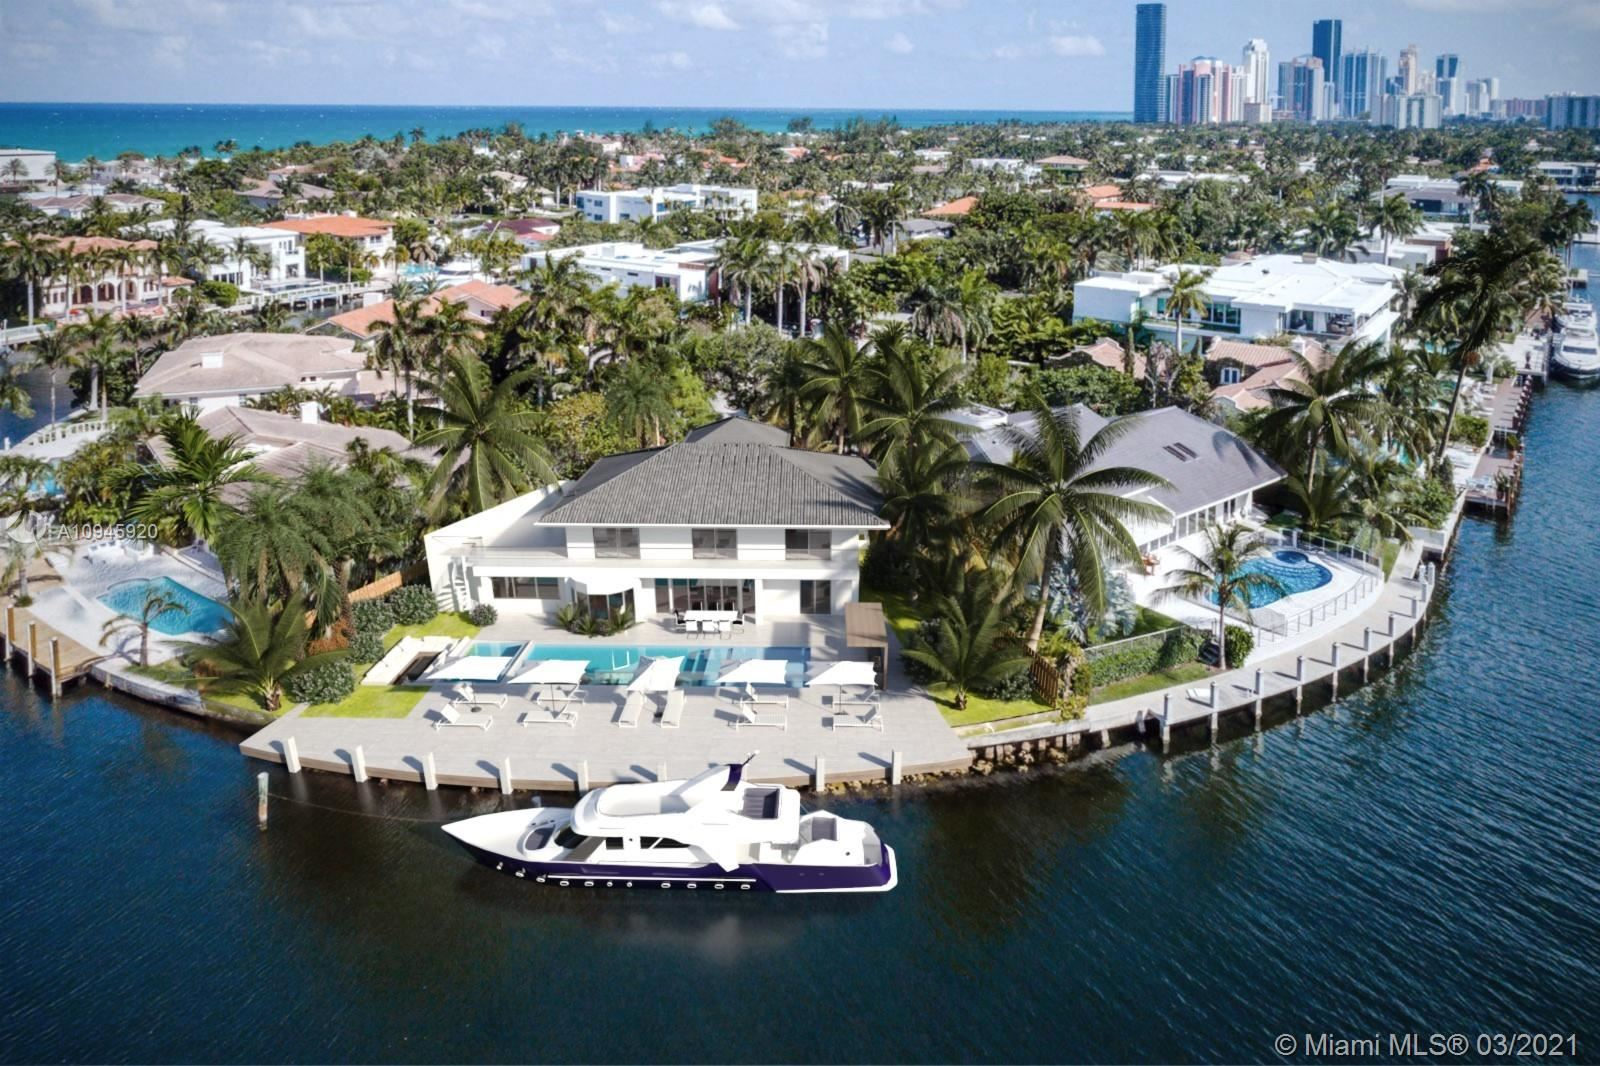 Photo of 447 Center Island Dr, Golden Beach, FL 33160 (MLS # A10945920)